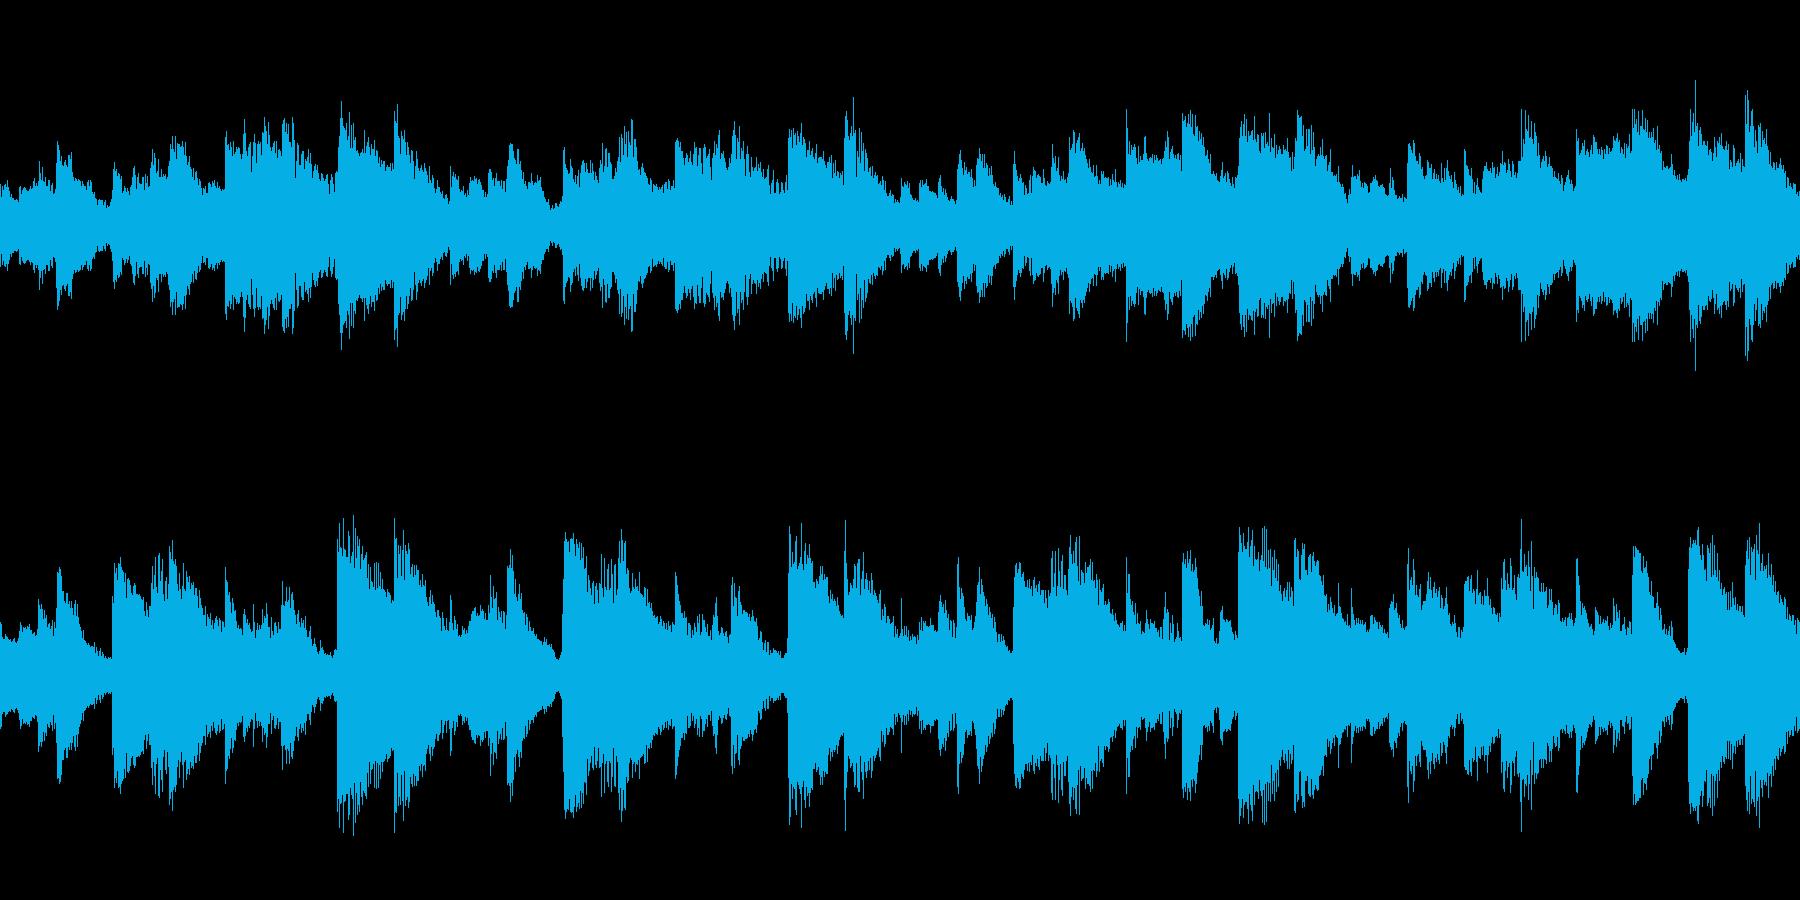 無気力で気だるい感じの曲/ループ可の再生済みの波形